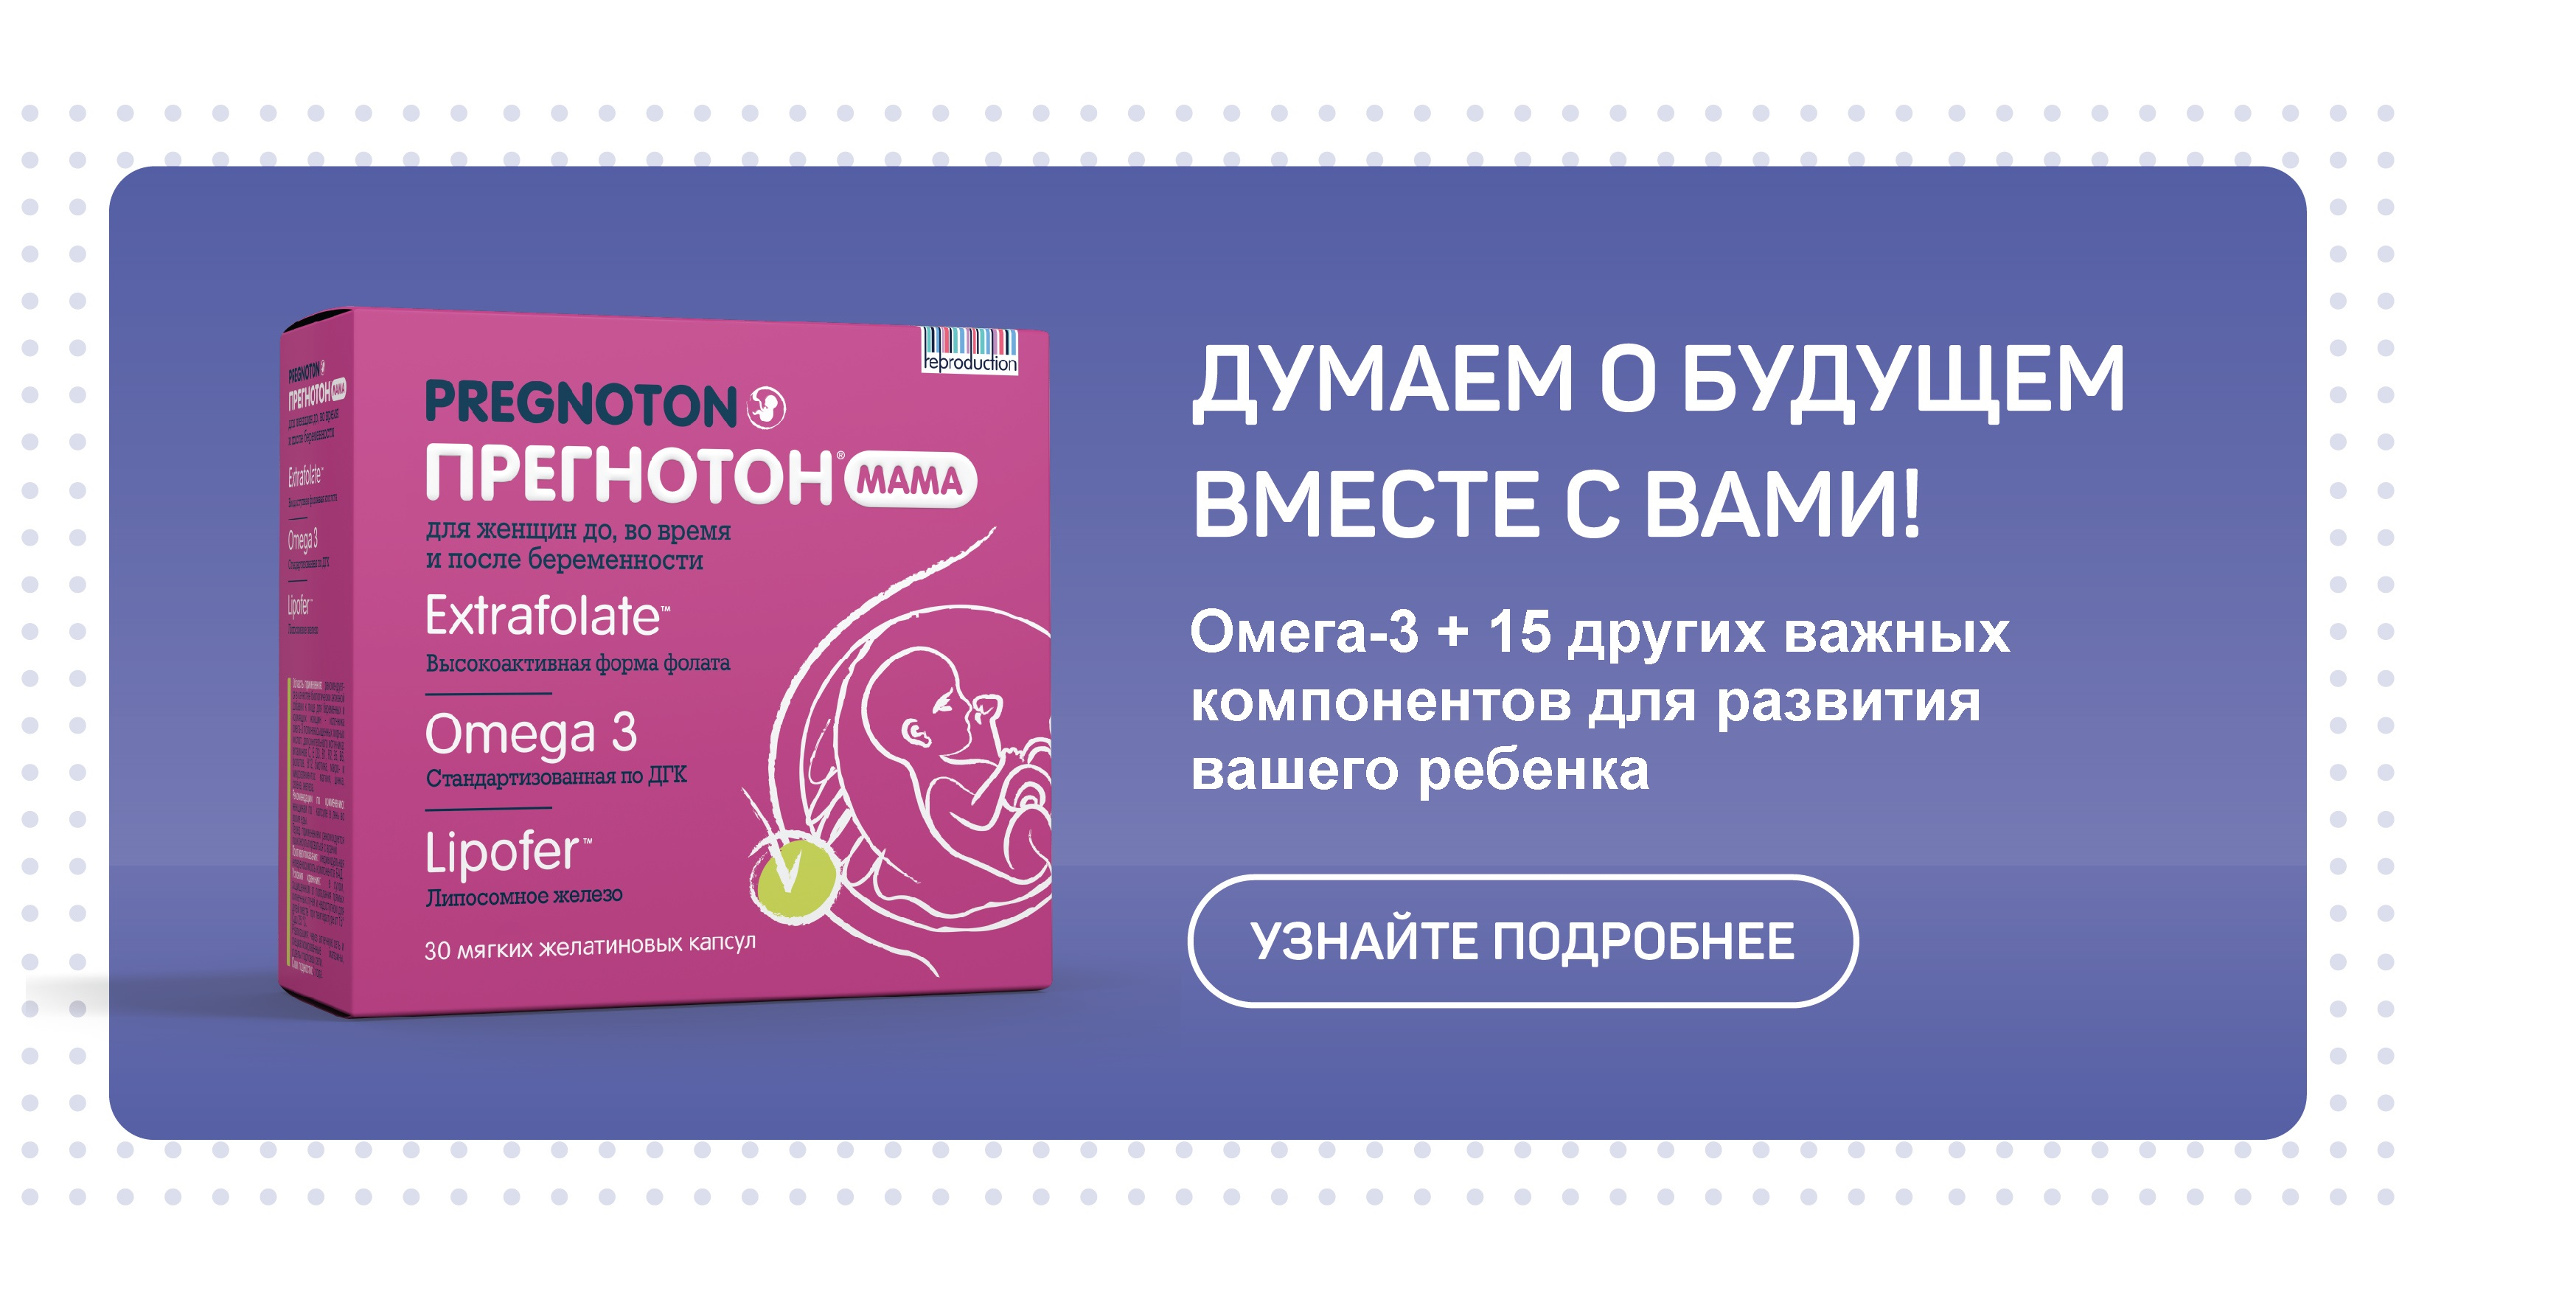 Гимнастика. Фитнес для беременных для легких родов